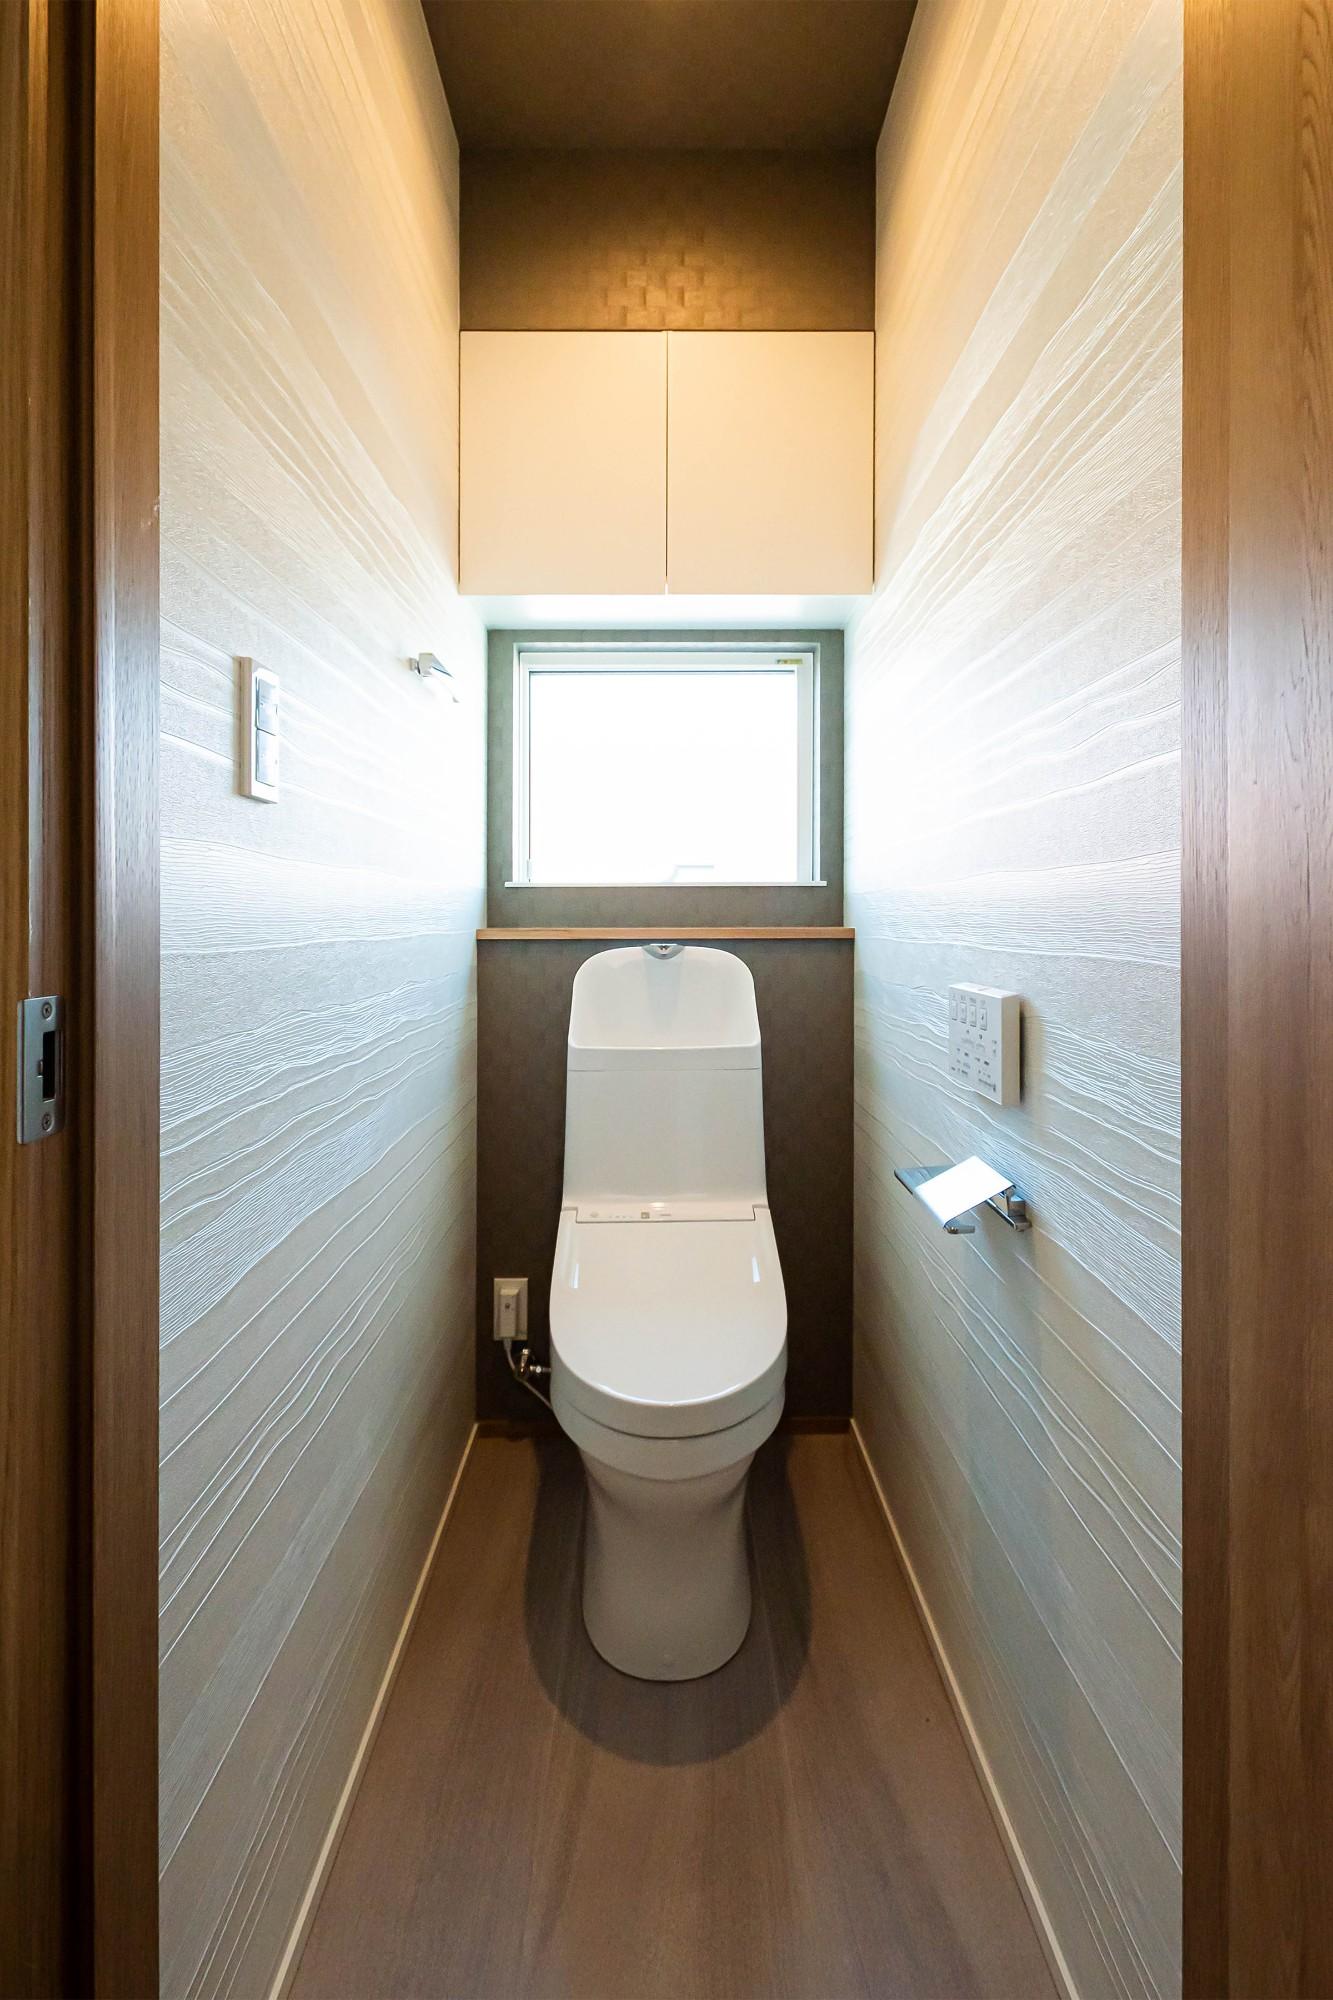 DETAIL HOME(ディテールホーム)「街並みに調和した住まい」のシンプル・ナチュラルなトイレの実例写真